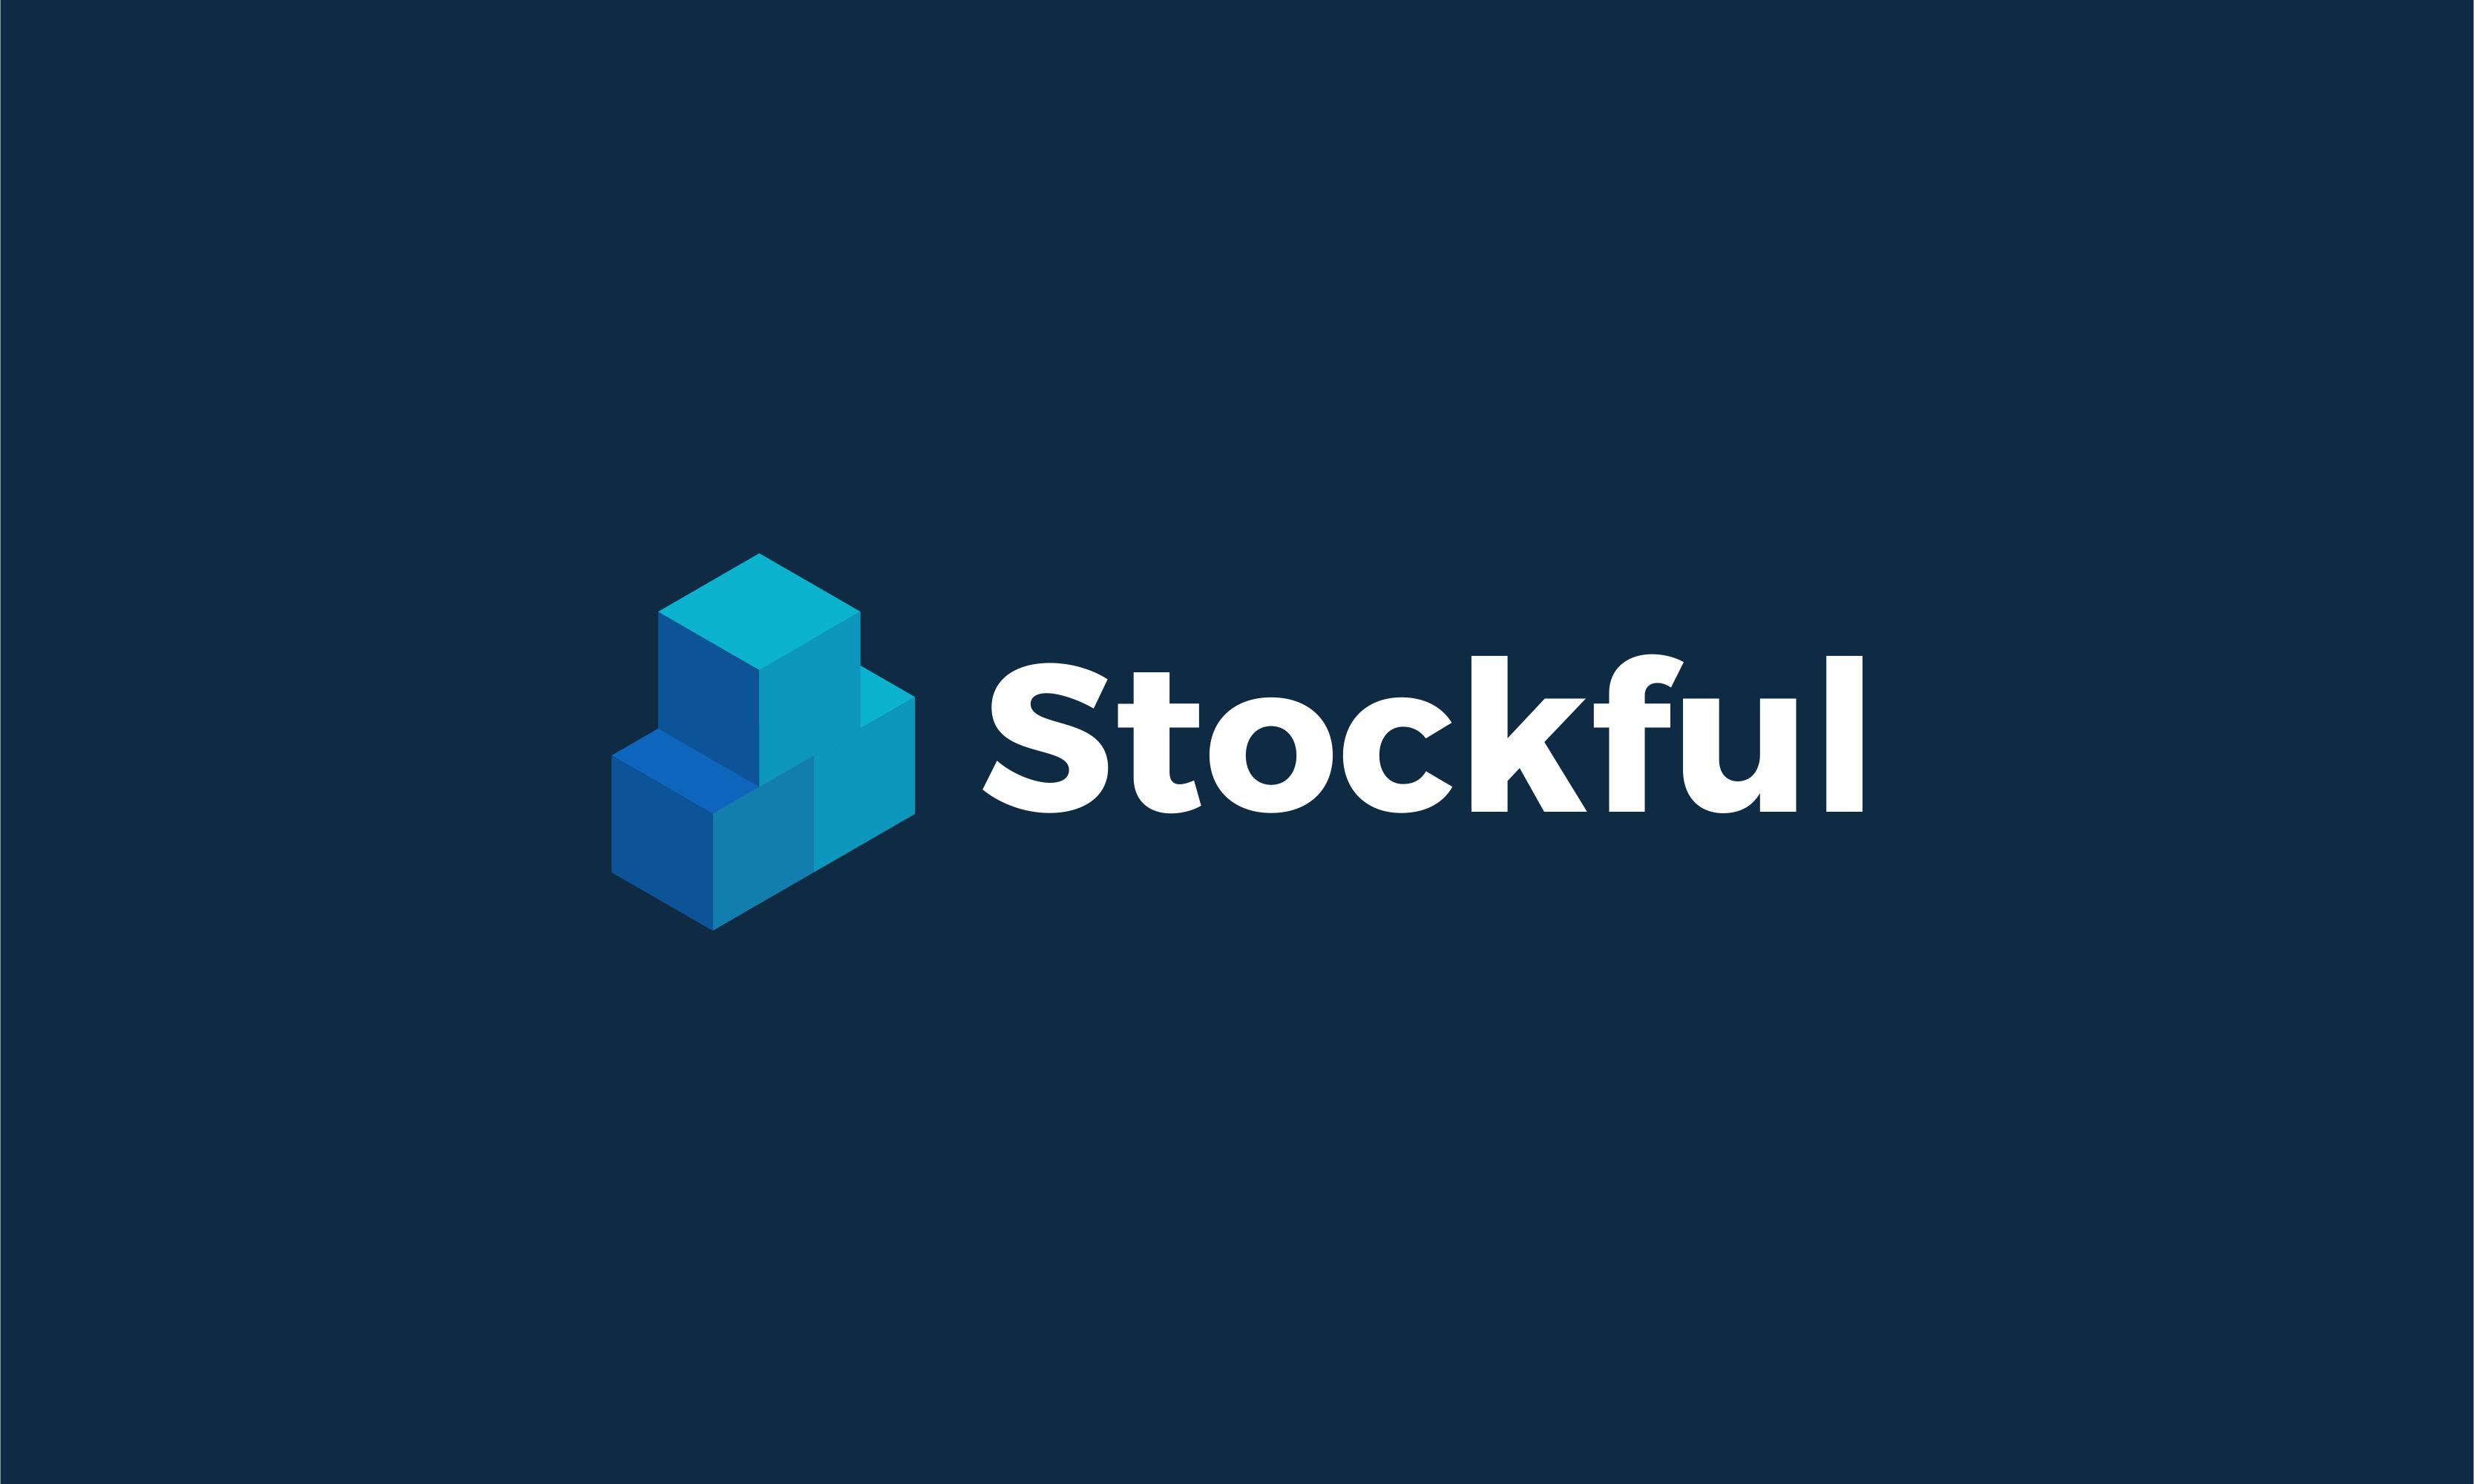 Stockful